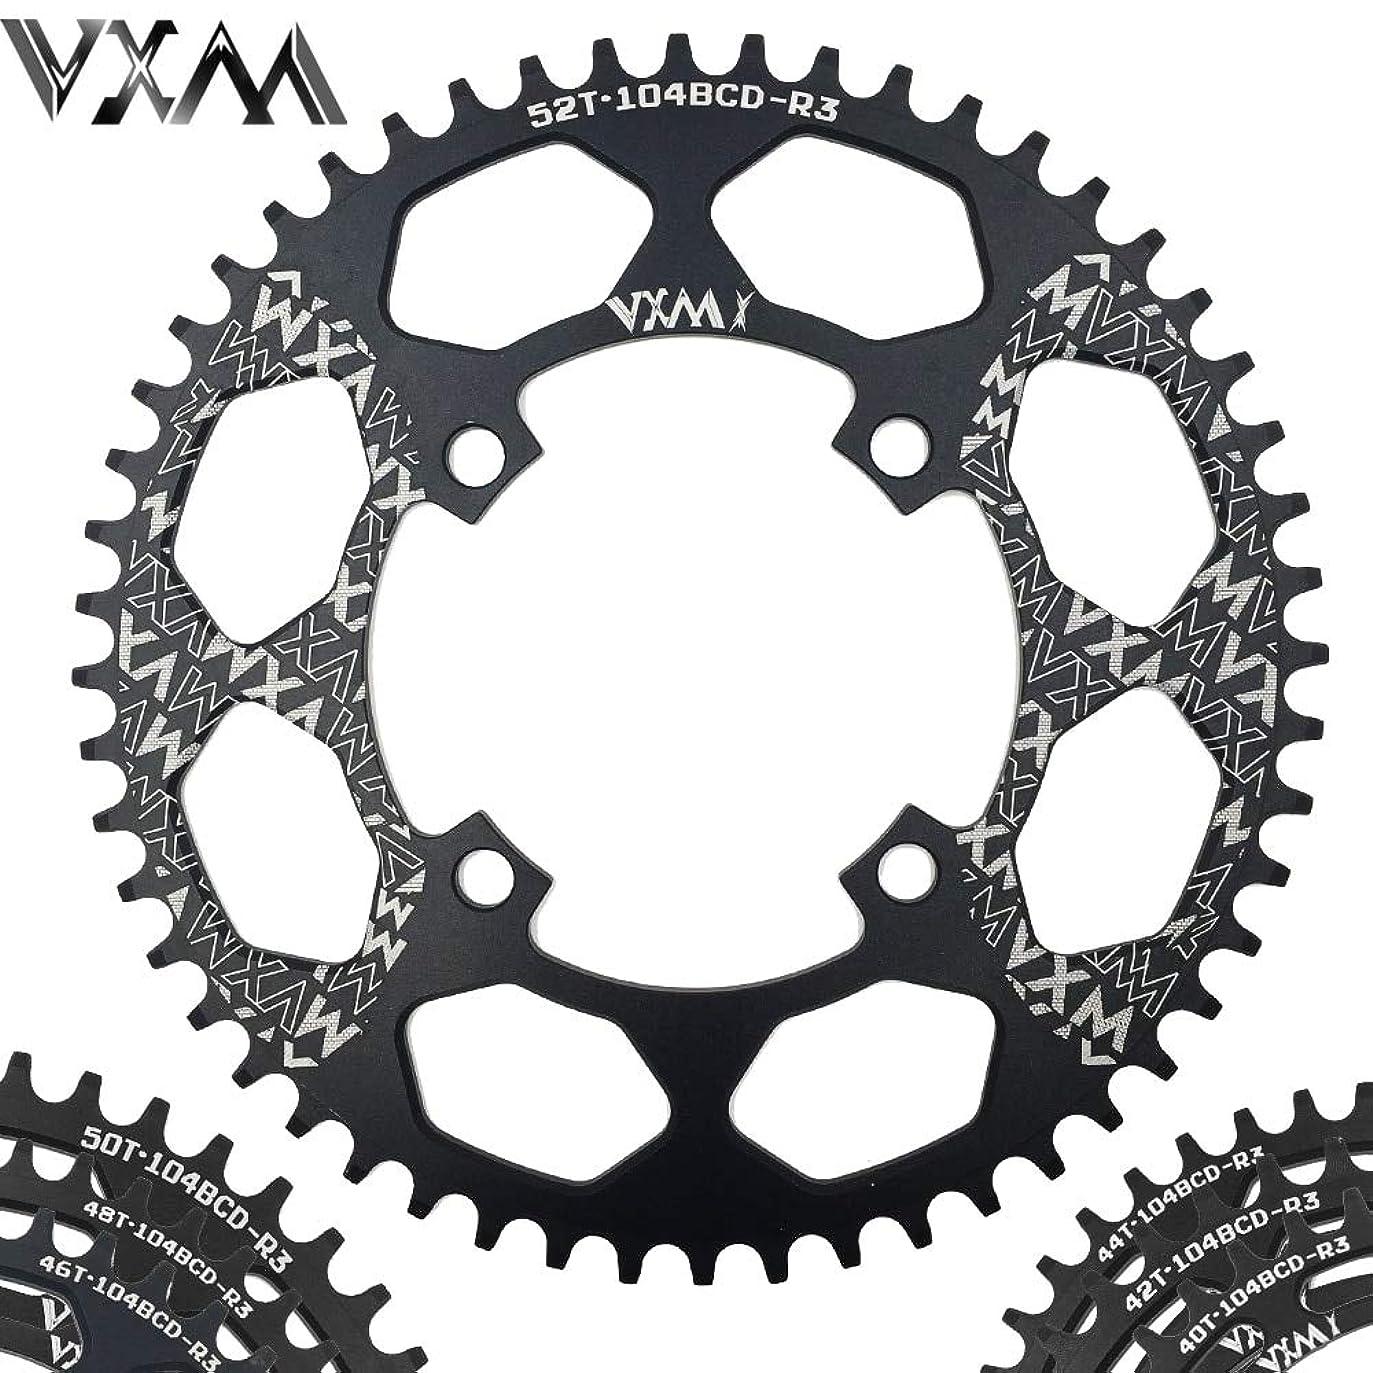 自然輸送反逆者Propenary - Bicycle Aluminum Chainring 104BCD 40T 42T 44T 46T 48T 50T 52T Mountain Bicycle Chainwheel Bike Crankset Bicycle Parts [ 104BCD 44T ]